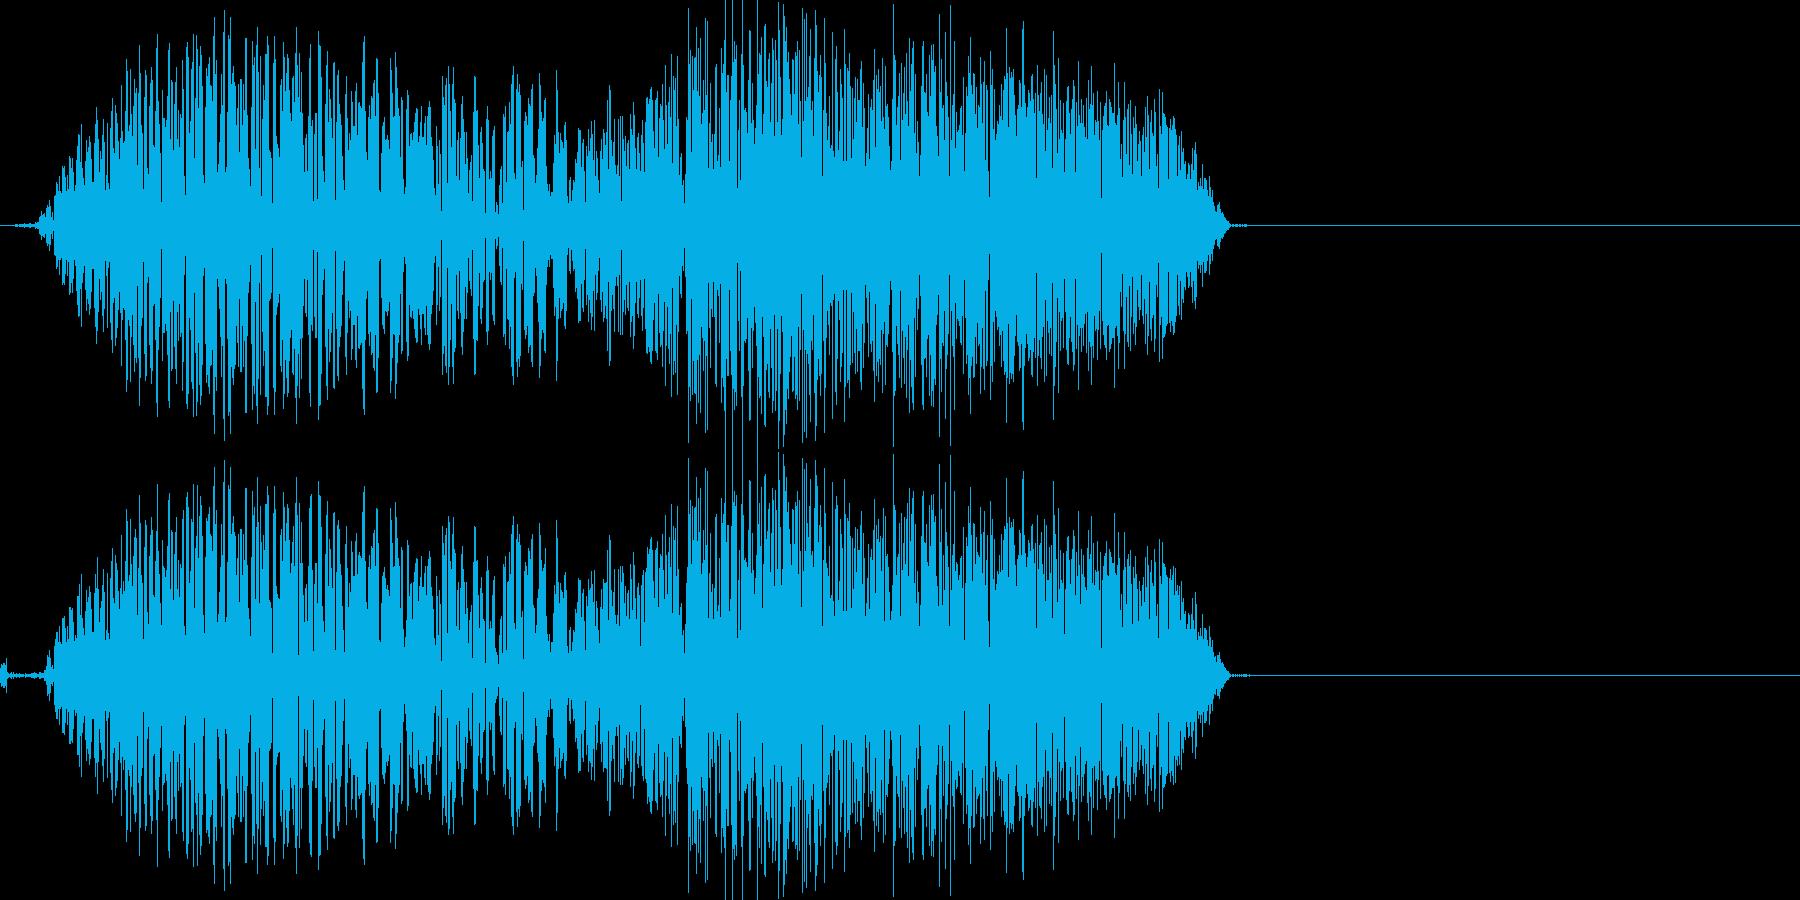 バシュッ(RPG風の斬撃音)の再生済みの波形